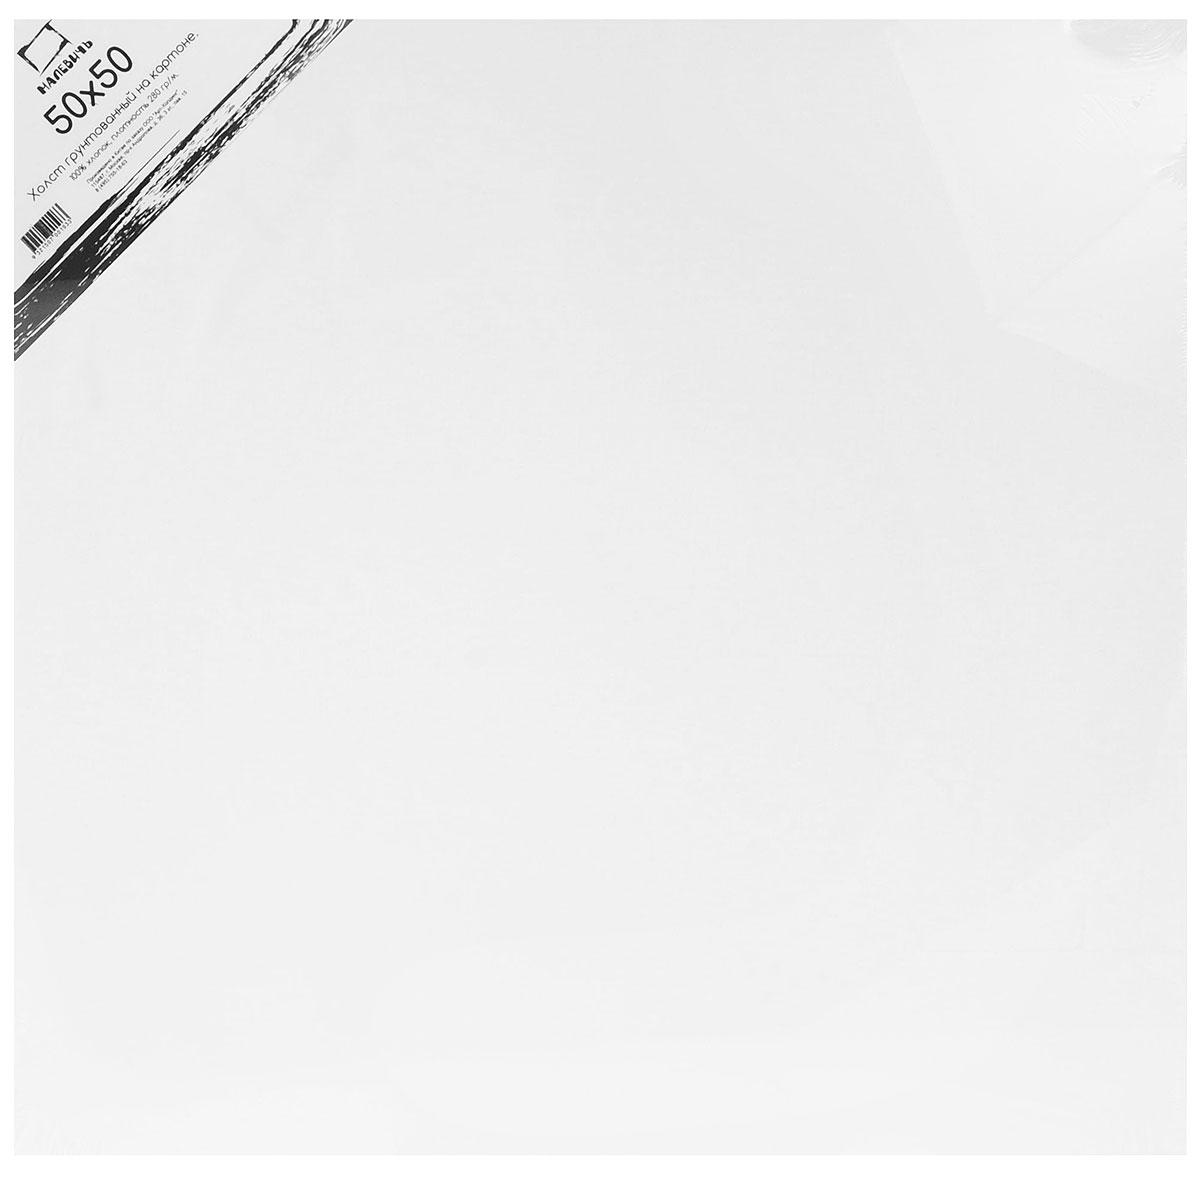 Малевичъ Холст на картоне 50 см x 50 см225050Полноценные холсты для профессиональной живописи. Представляют собой загрунтованное мелкозернистое полотно из 100% хлопка плотностью 280 г/кв. м, наклеенное на основу из прочного картона толщиной 3 мм. Такие холсты дешевле и прочнее традиционных изделий на подрамнике, поэтому будут особенно интересны студентам, художникам-любителям и много пишущим мастерам-живописцам. Холсты на картоне не занимают много места, надежно защищают живописный слой от повреждений, удобны при выездах на пленэр и на выставки. Холсты на картоне Малевич: • изготовлены из плотного натурального полотна без узелков и неровностей • профессионально натянуты и загрунтованы • экономят время художника – к работе можно приступить сразу же • дешевле и прочнее холстов на подрамнике • удобны при транспортировке и хранении • подходят для любого вида красок, кроме акварельных (для которых у нас есть Акварельные холсты) • можно оформить в готовую раму (картины на подрамнике придется отдавать в мастерскую)